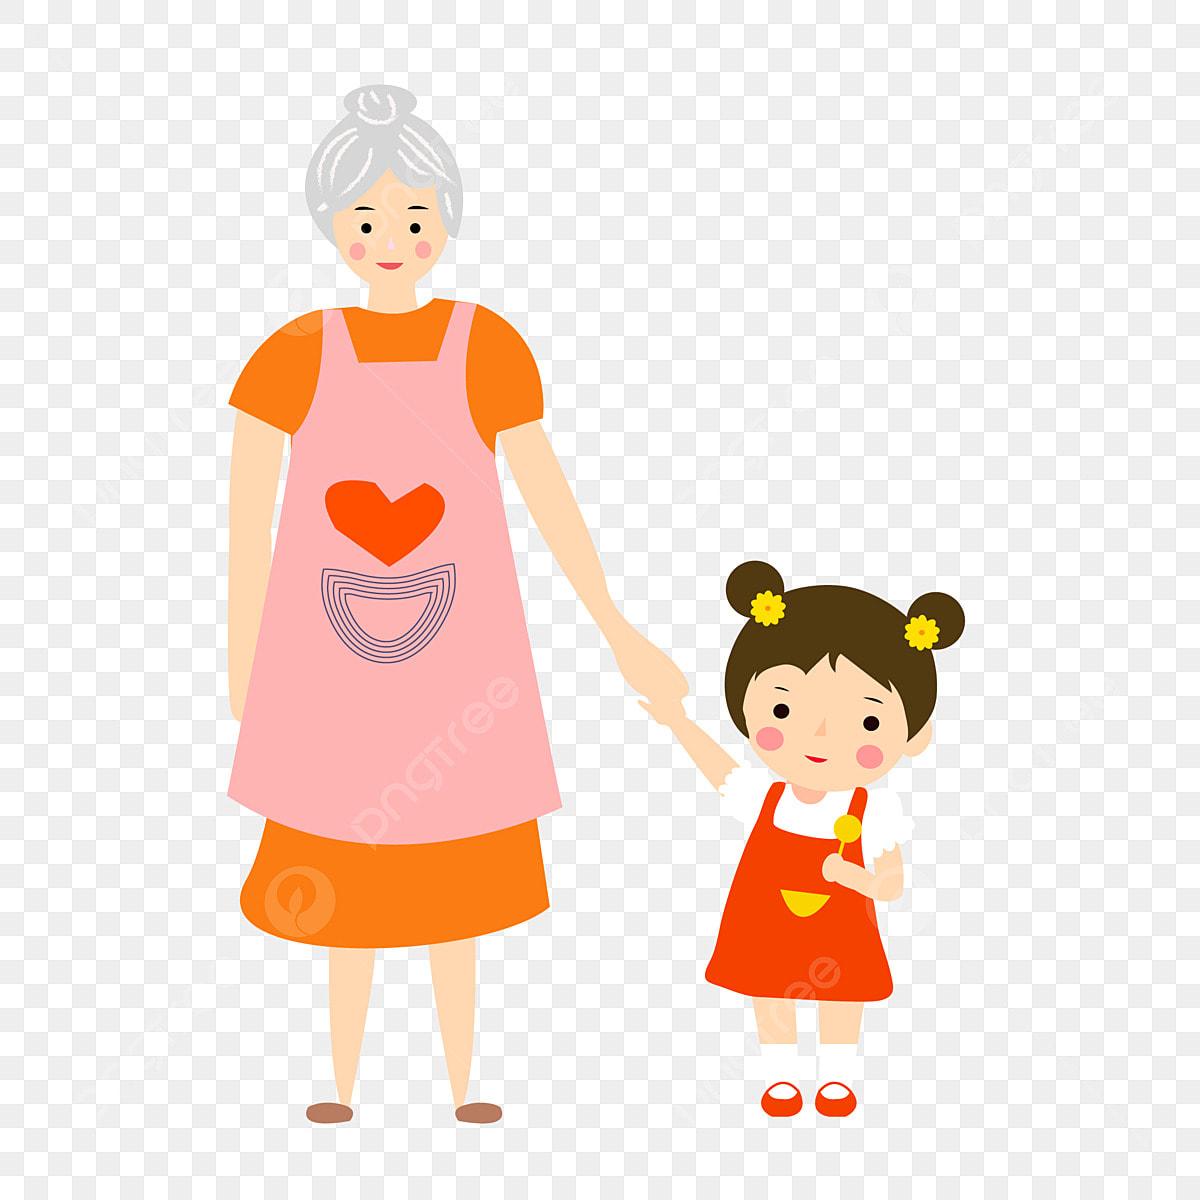 할머니와 손녀 디자인, 만화, 캐릭터, 할머니 PNG 및 벡터 에 대한 무료 다운로드